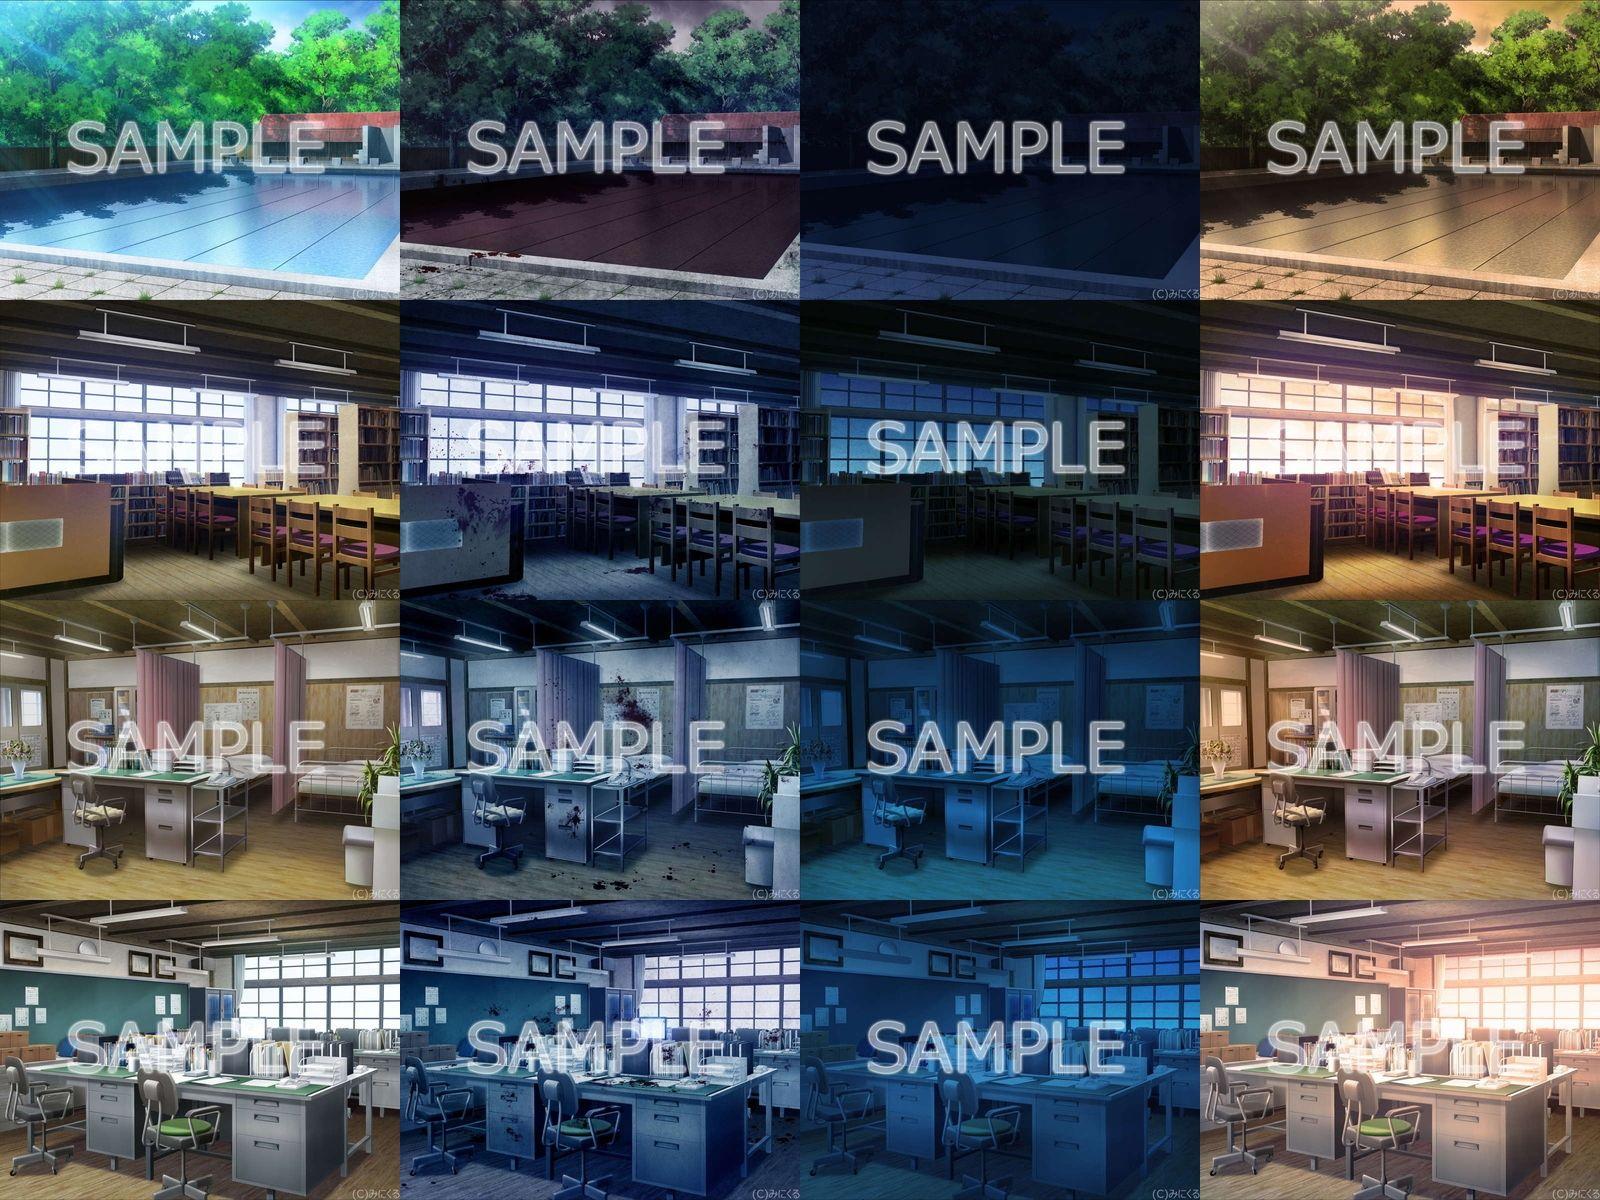 みにくる背景CG素材集『旧校舎・ホラー編』part01のサンプル画像6